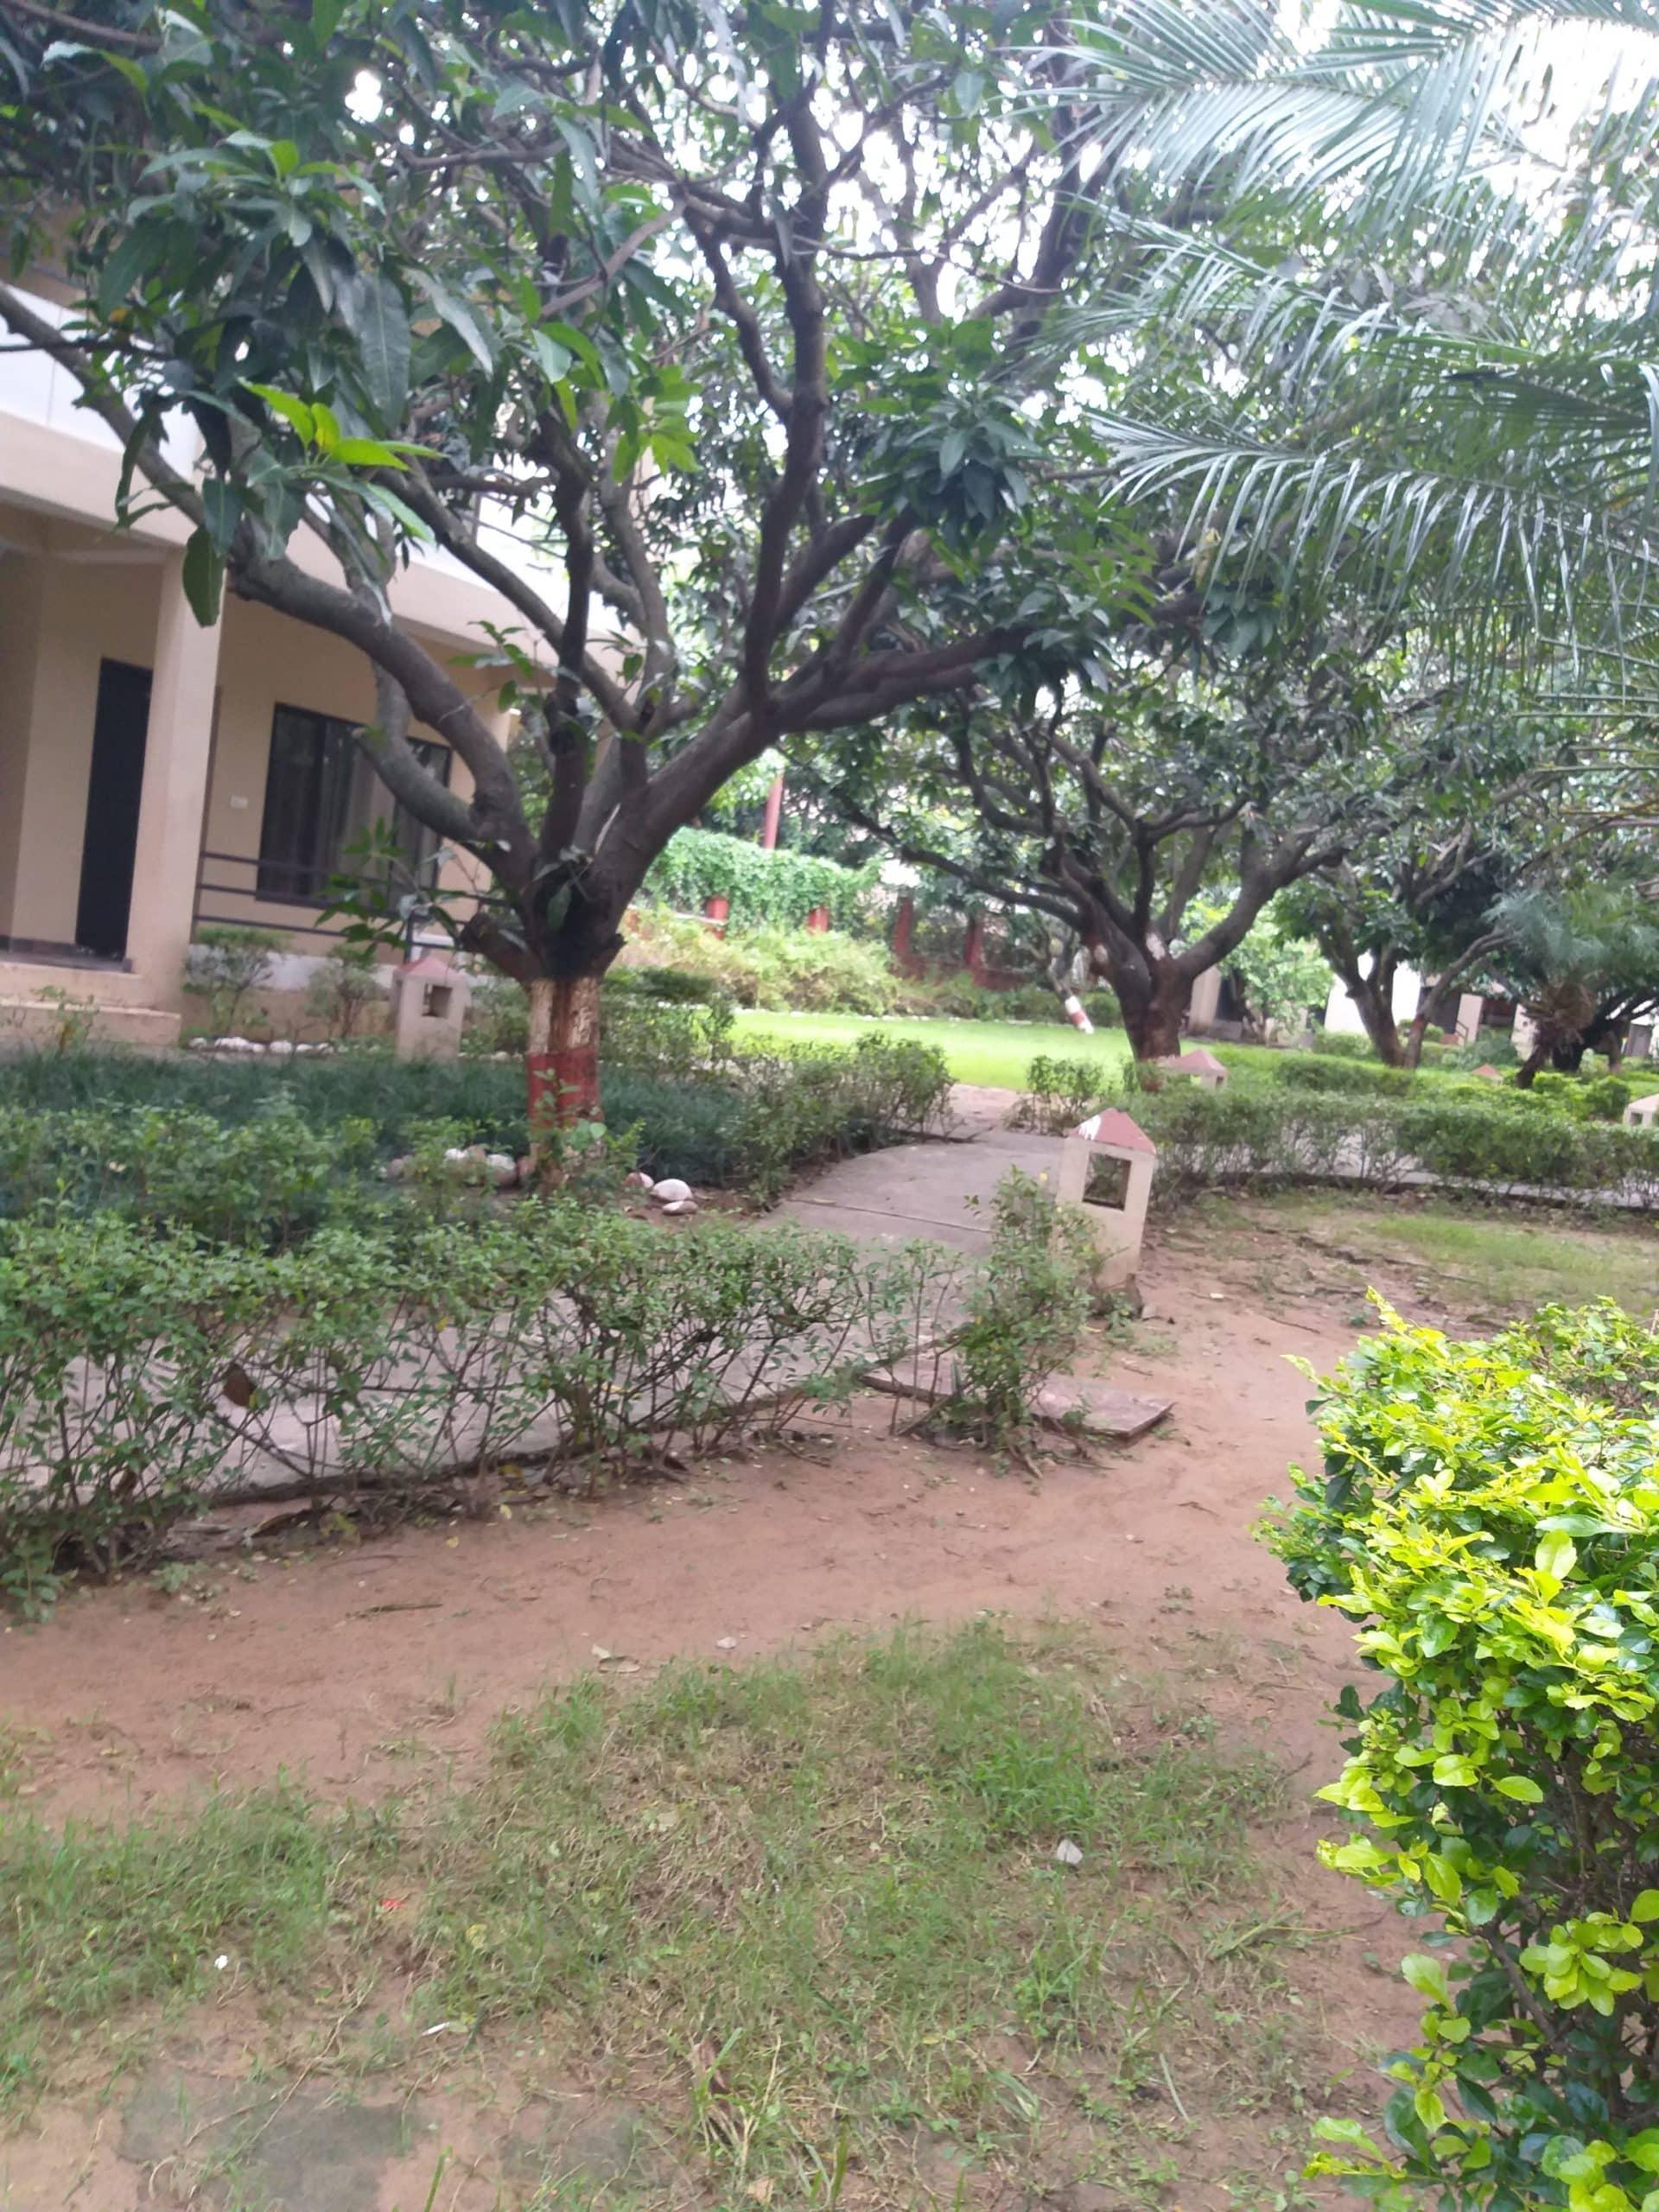 Resort in ramnagar